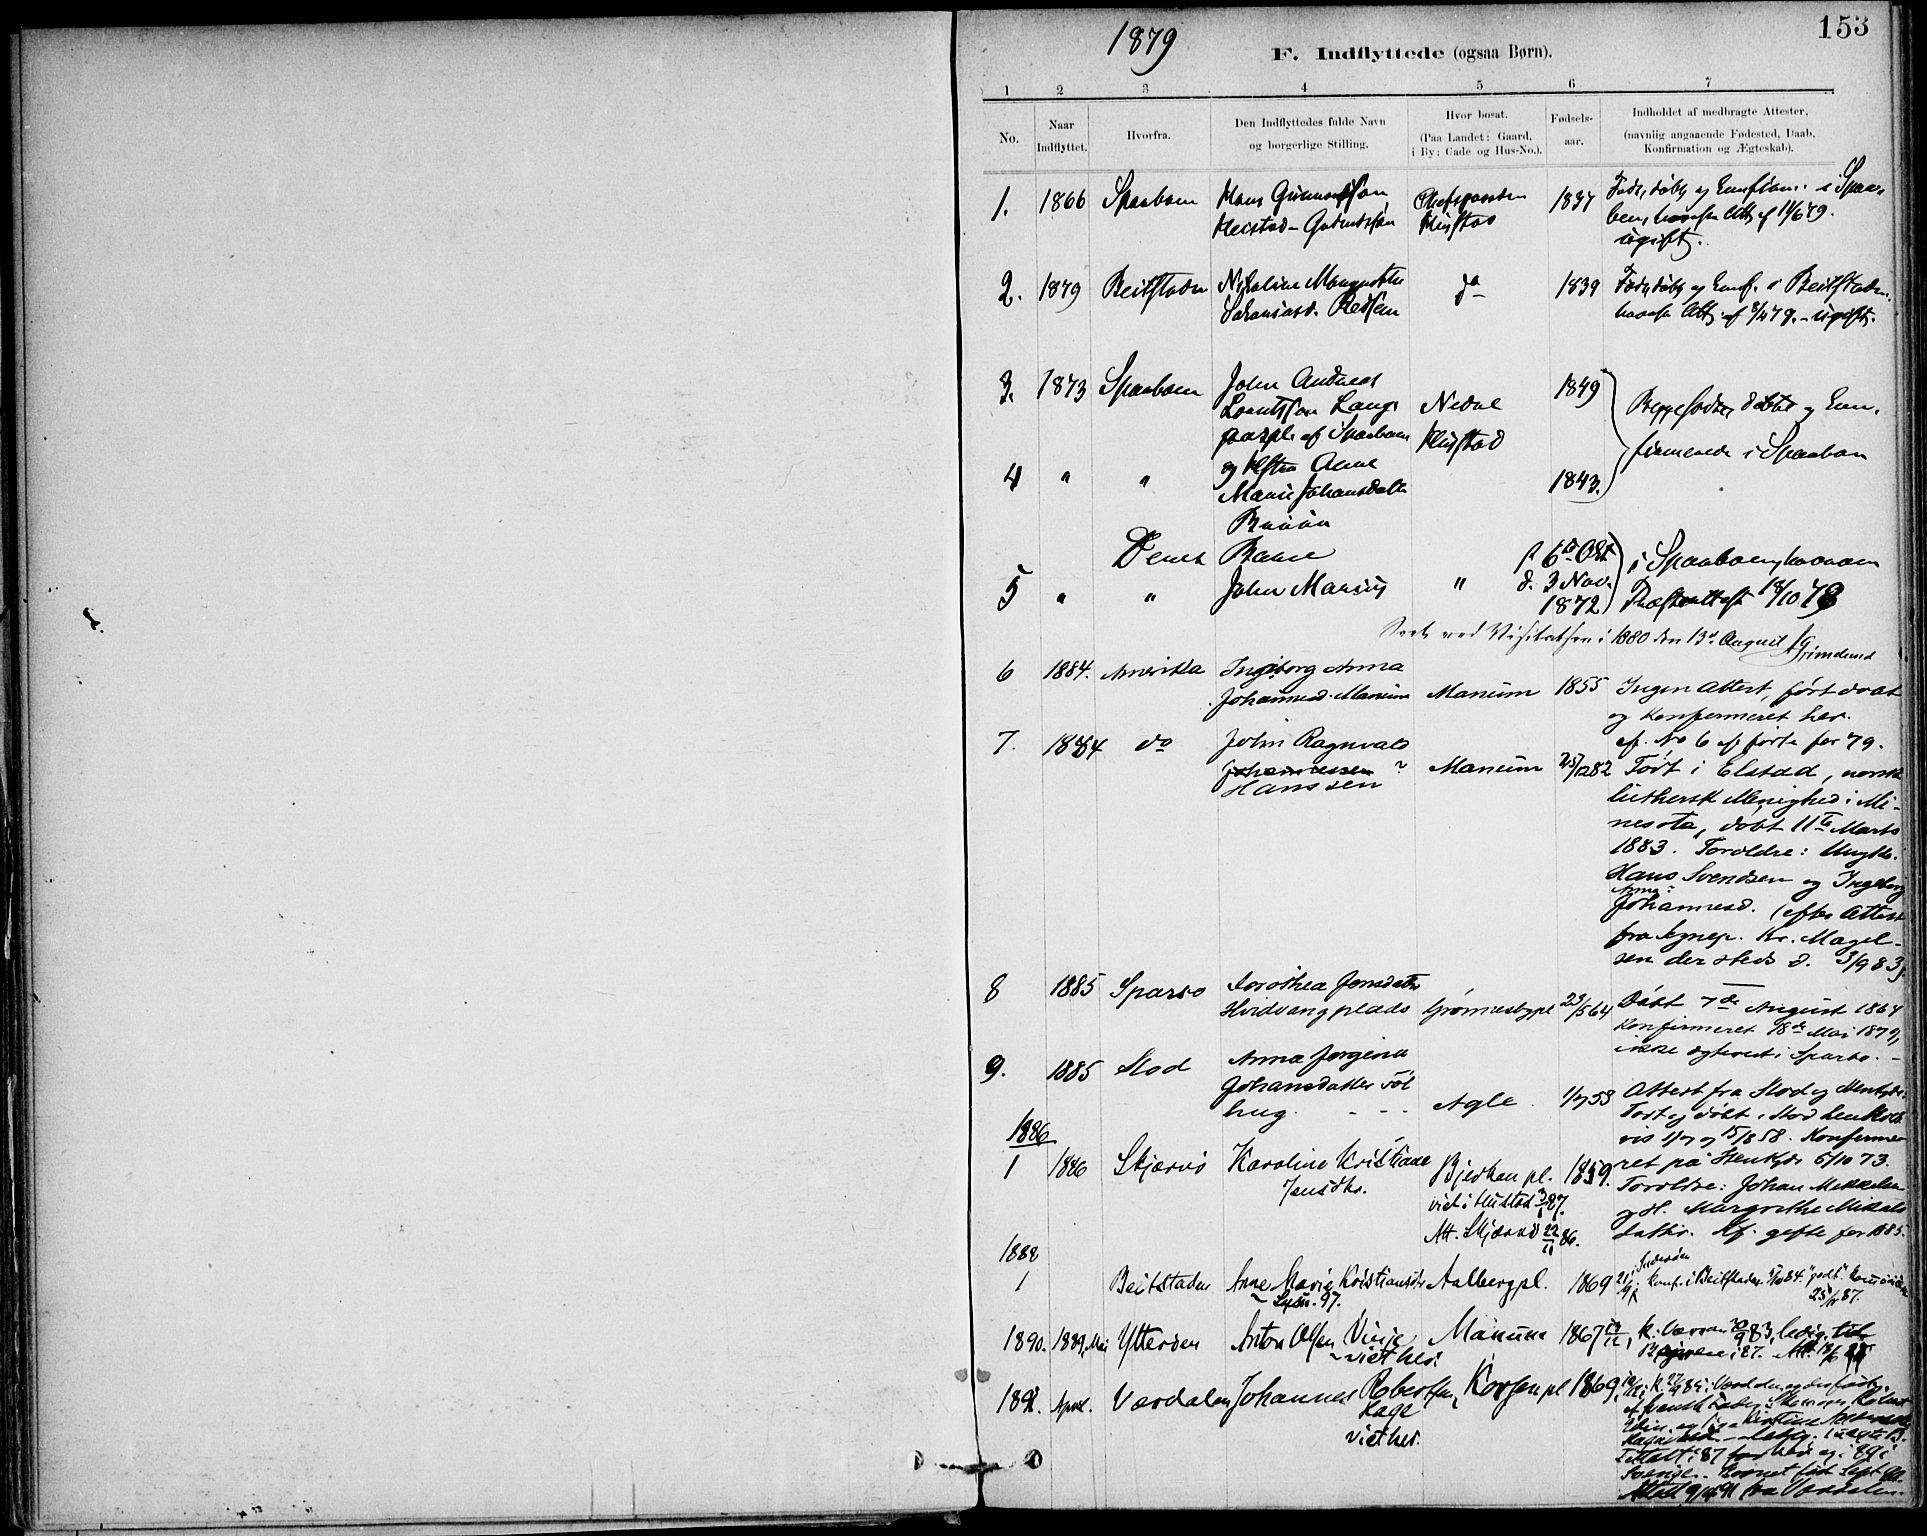 SAT, Ministerialprotokoller, klokkerbøker og fødselsregistre - Nord-Trøndelag, 732/L0316: Parish register (official) no. 732A01, 1879-1921, p. 153